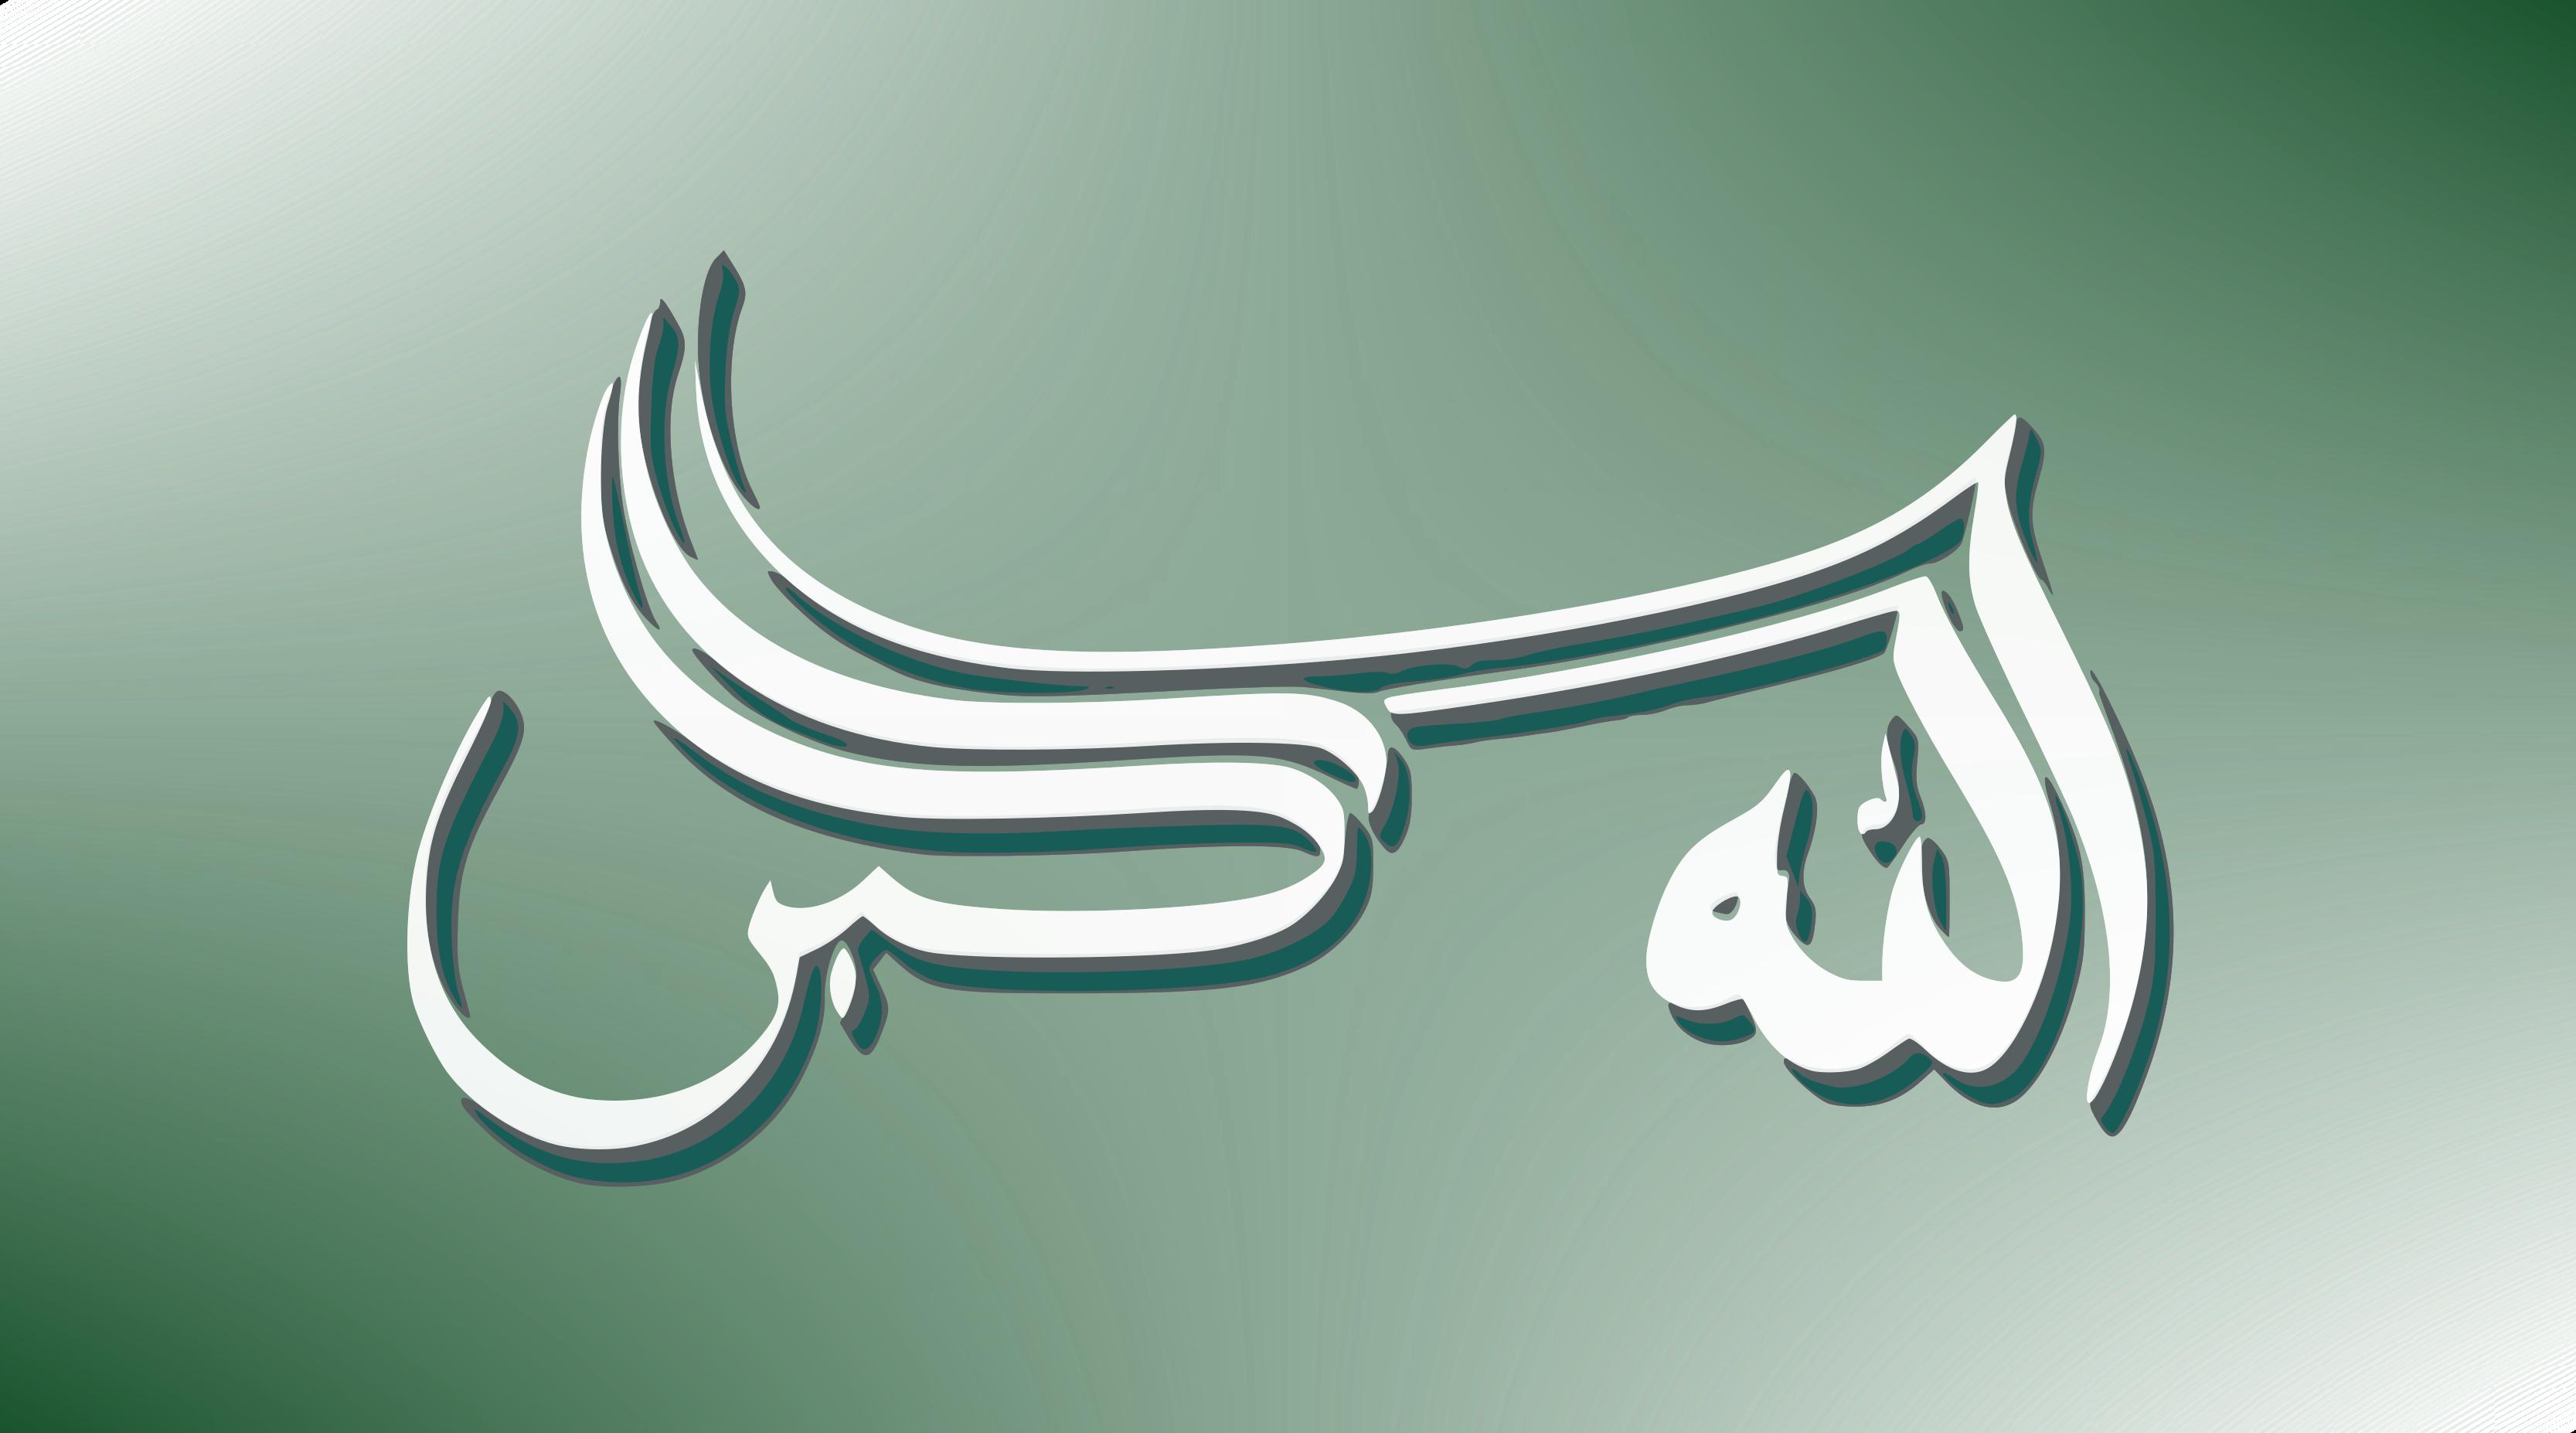 erekcijos gydymas pagal islamą nepakankama erekcija lytiniam aktui